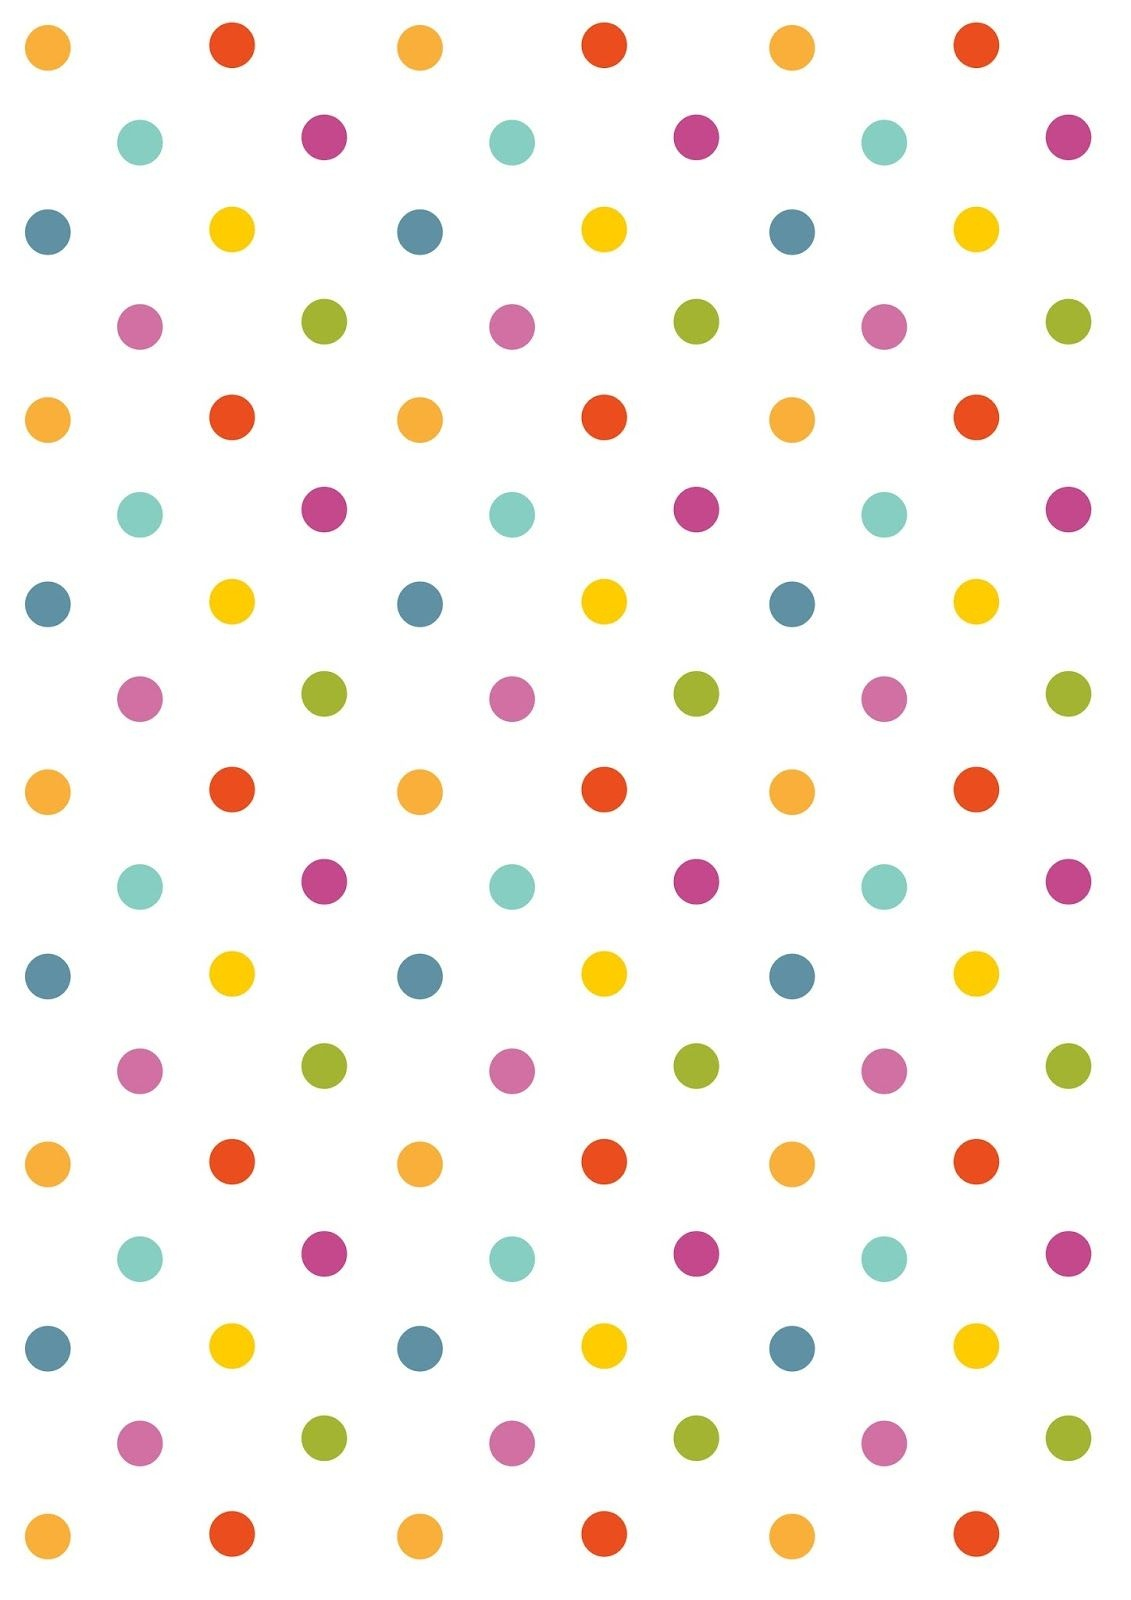 Free Digital Polka Dot Scrapbooking Paper - Ausdruckbares - Free Printable Pink Polka Dot Paper